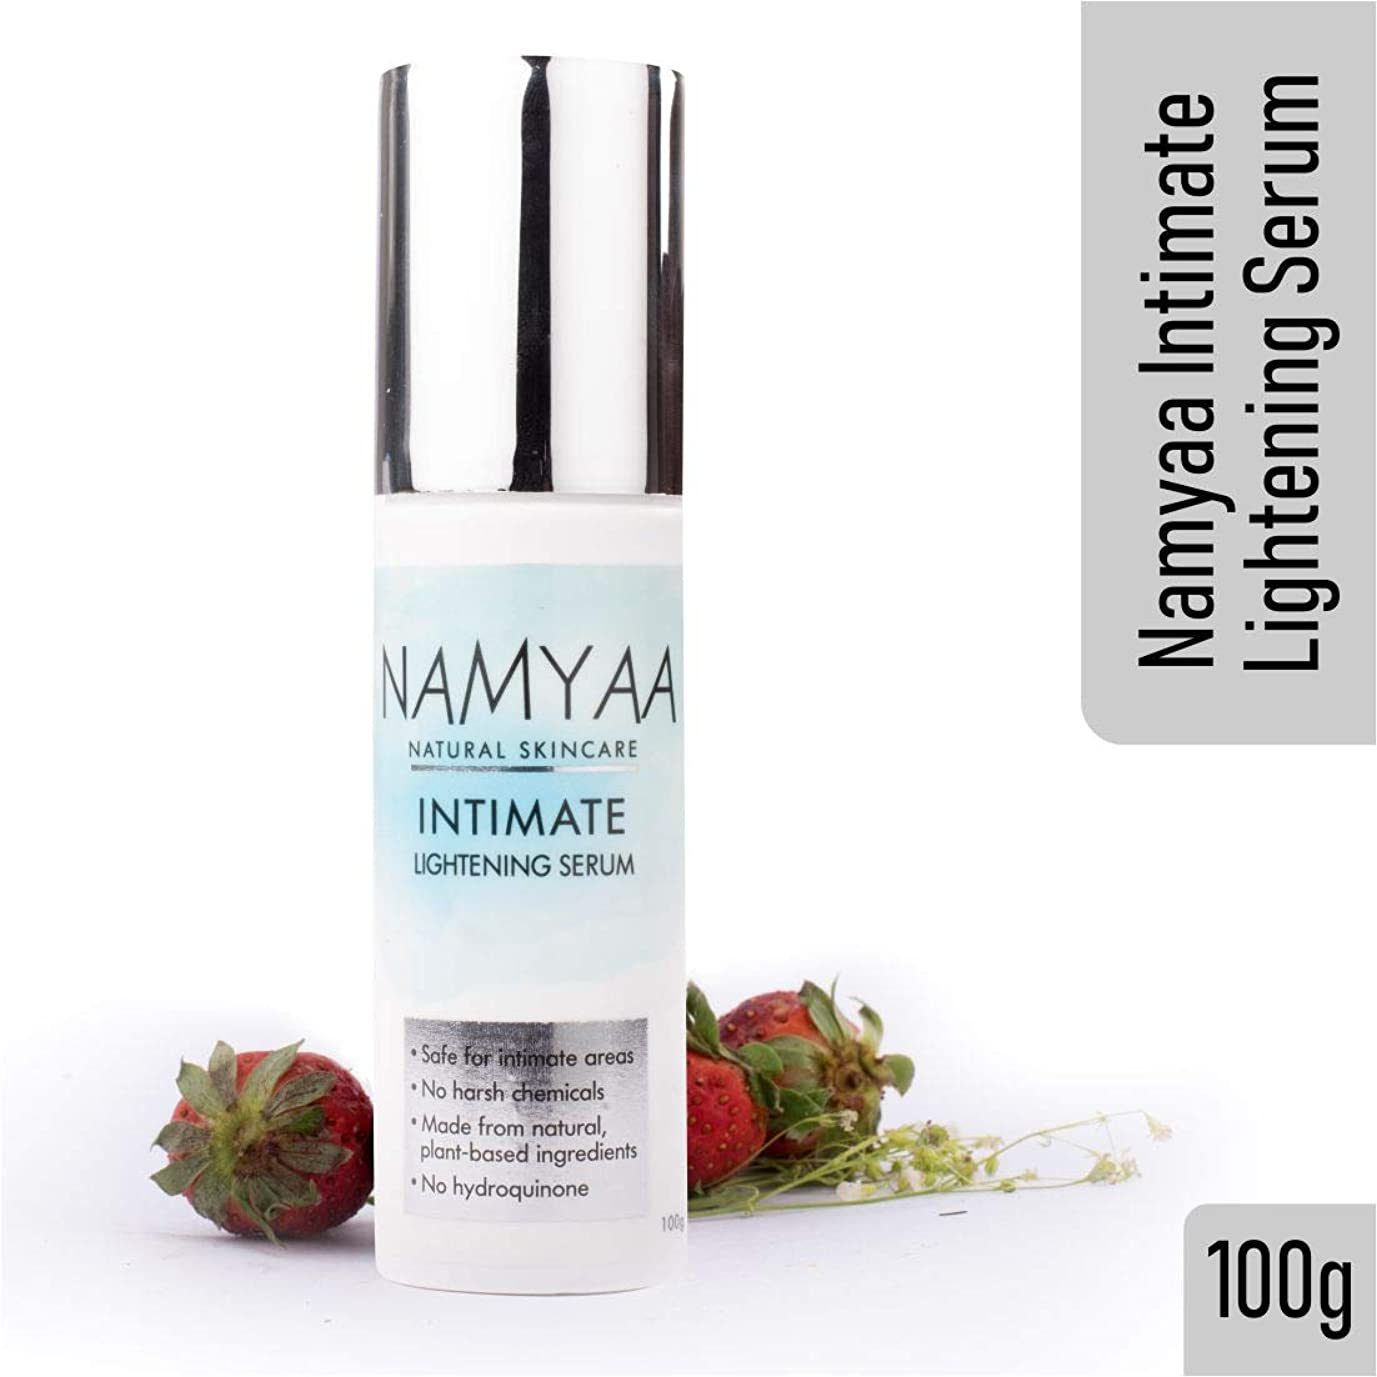 光の余分な灌漑Qraa Namaya Intimate Lightening Serum, 100g